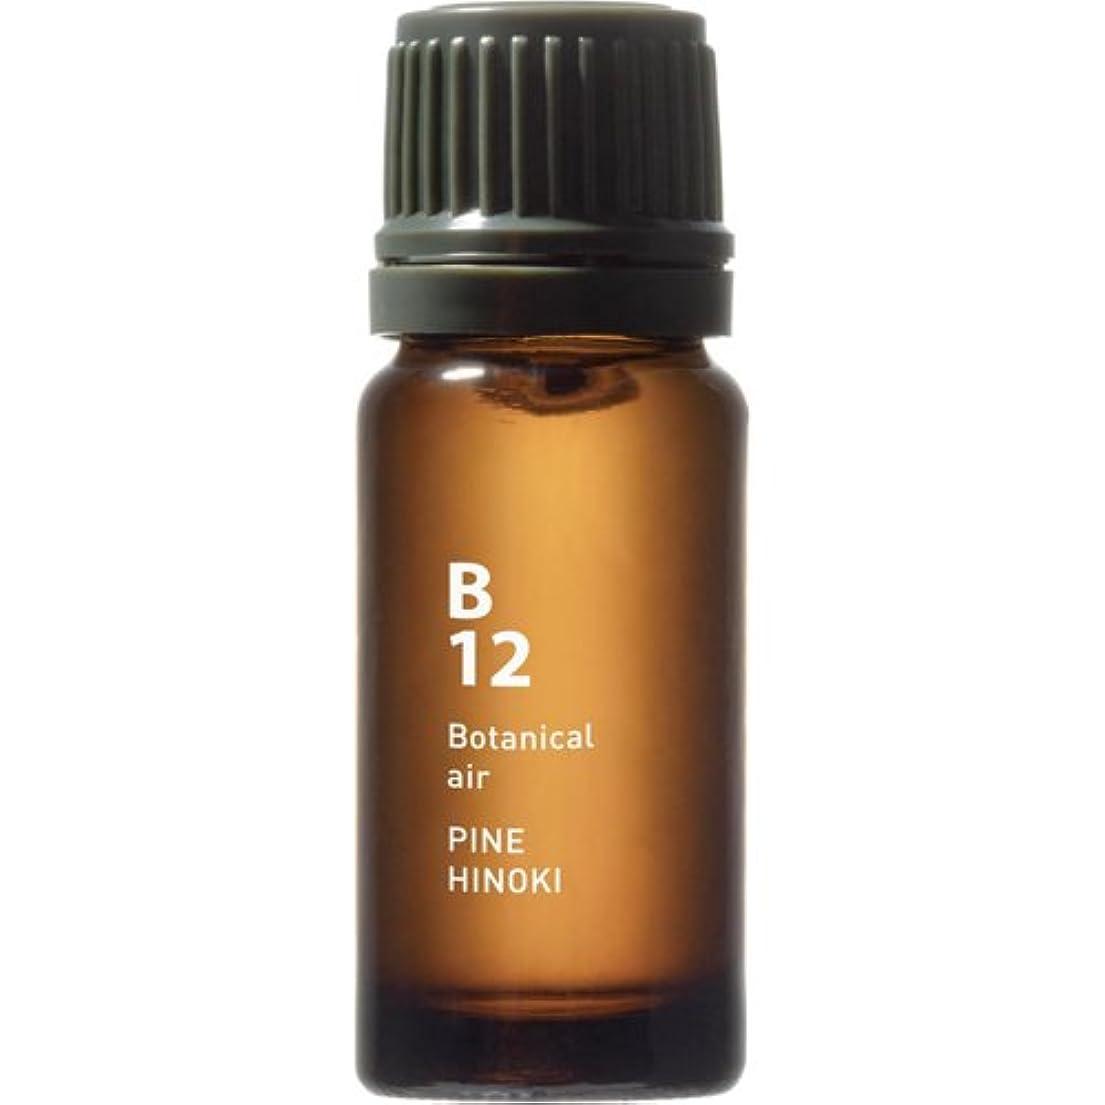 に変わるアトラス本能B12 パインヒノキ Botanical air(ボタニカルエアー) 10ml